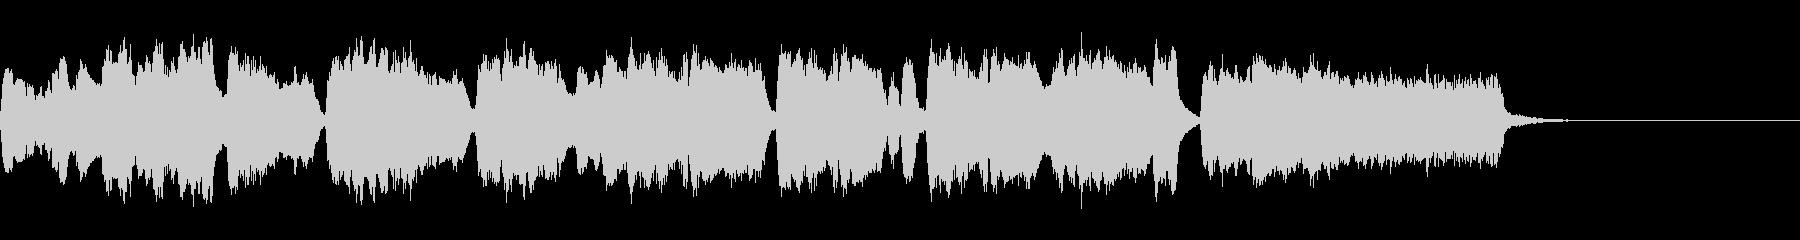 シンプルなオープニングファンファーレ2の未再生の波形